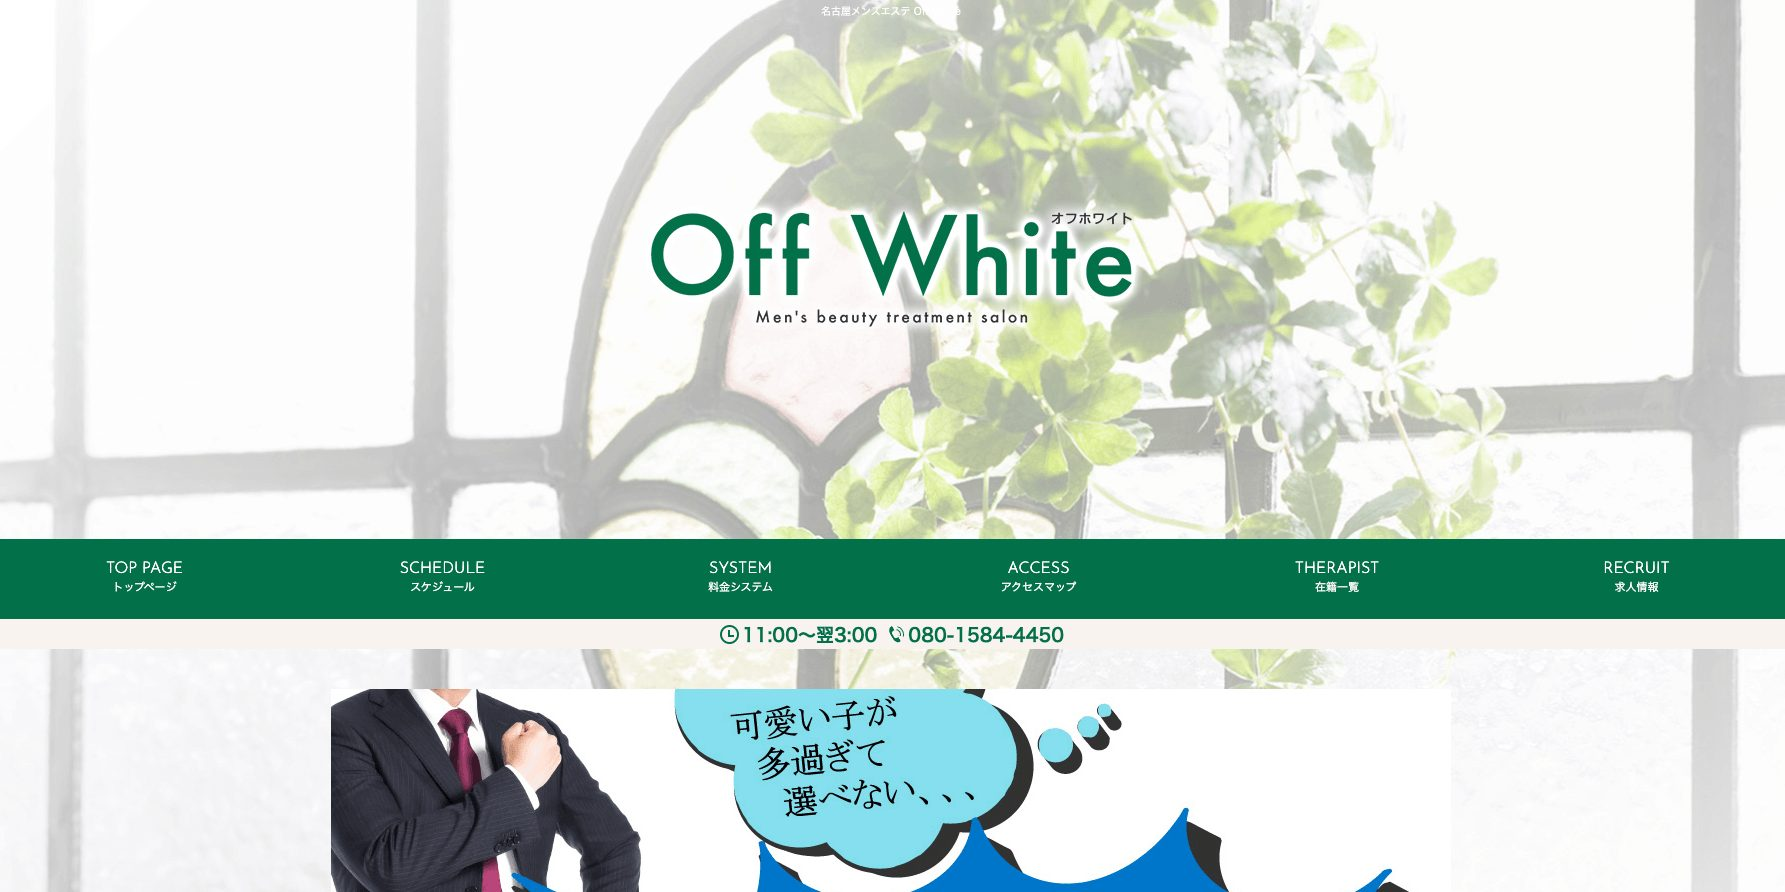 Off White(オフホワイト)